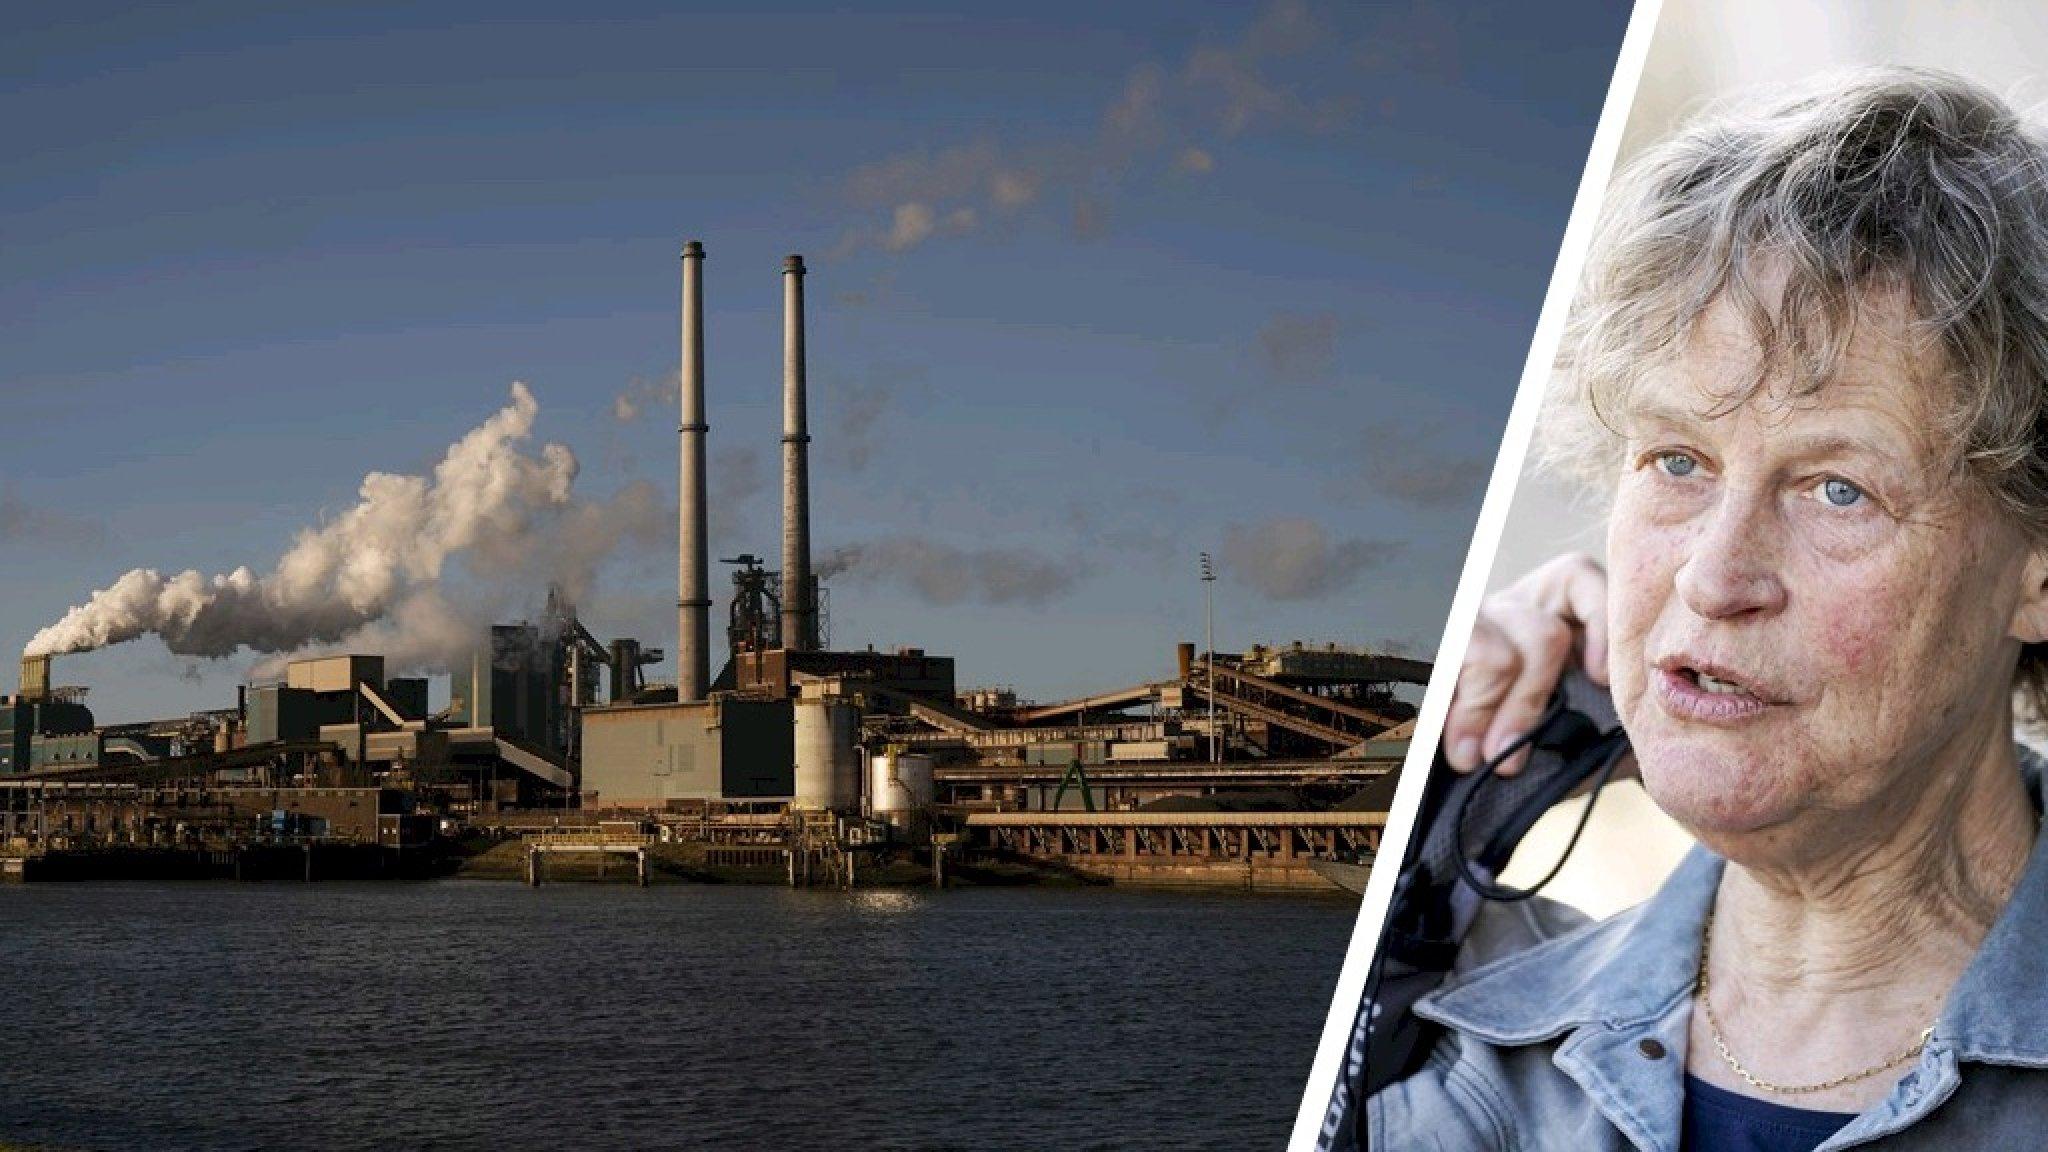 Omwonenden klagen Tata Steel aan: 'Fabriek dumpt gewetenloos' - RTL Nieuws